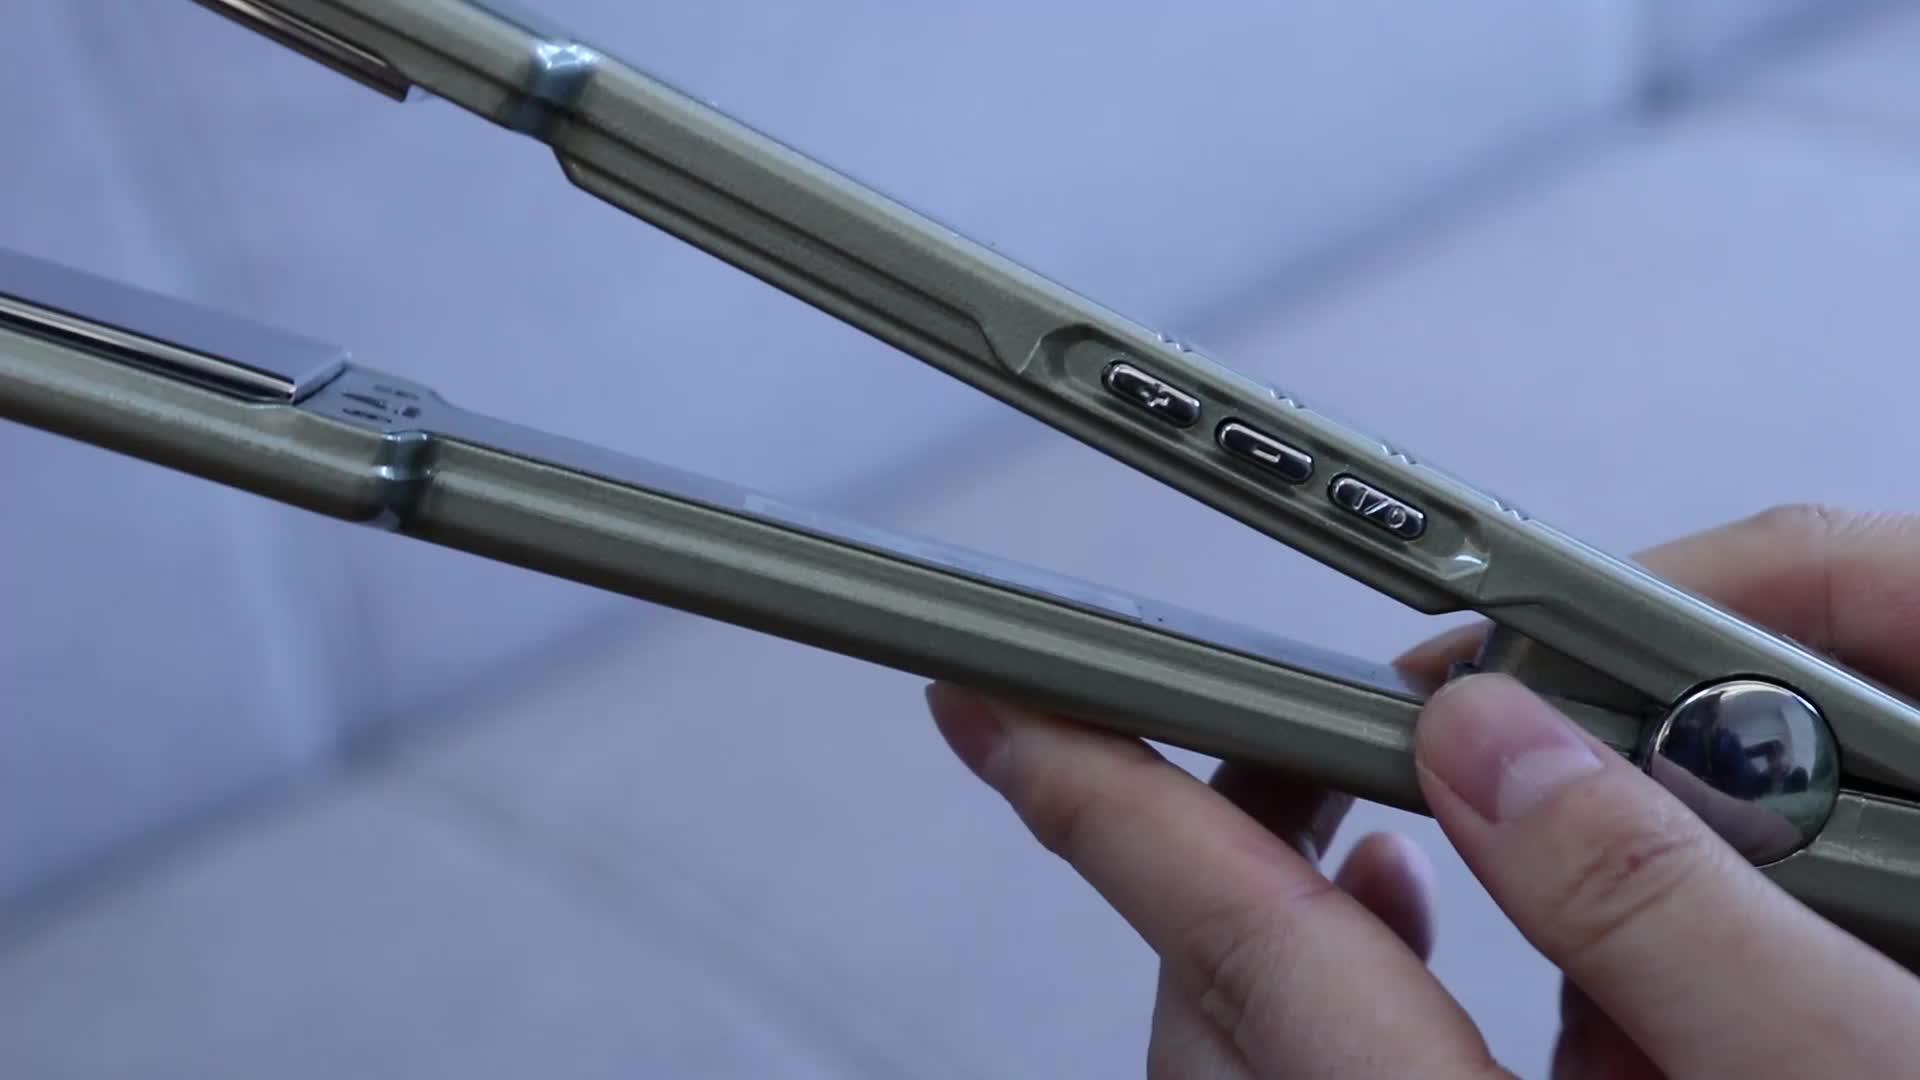 विरोधी स्थैतिक स्टेनलेस स्टील दर्पण प्लेट थोक उच्च बाल Straightener फ्लैट लोहे सैलून उपकरण घरेलू हेयर Straightener